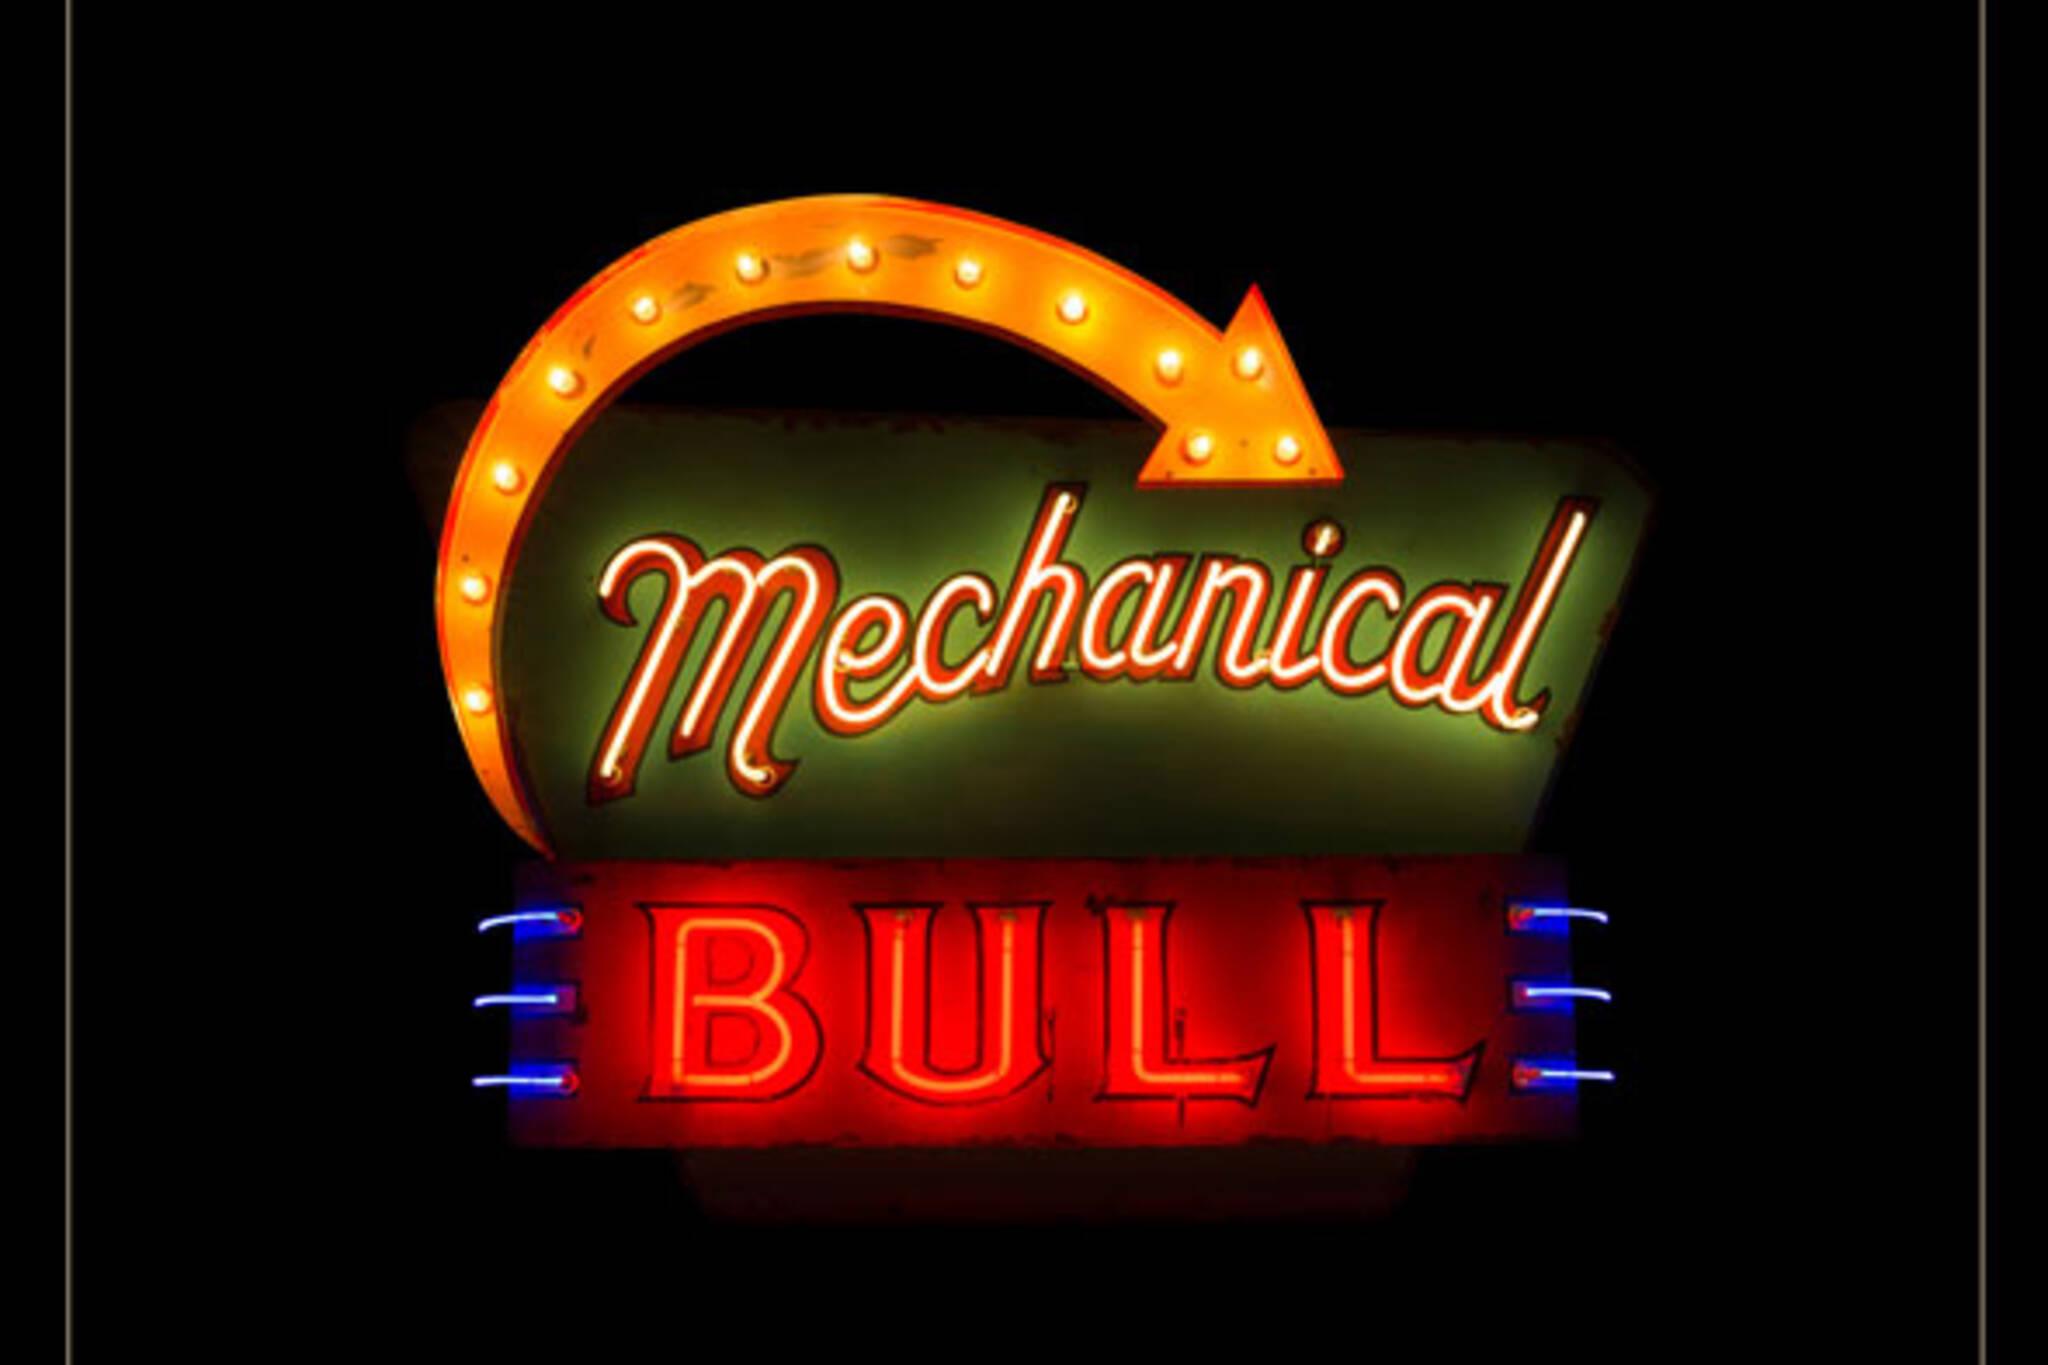 Kings of Leon Mechanical Bull